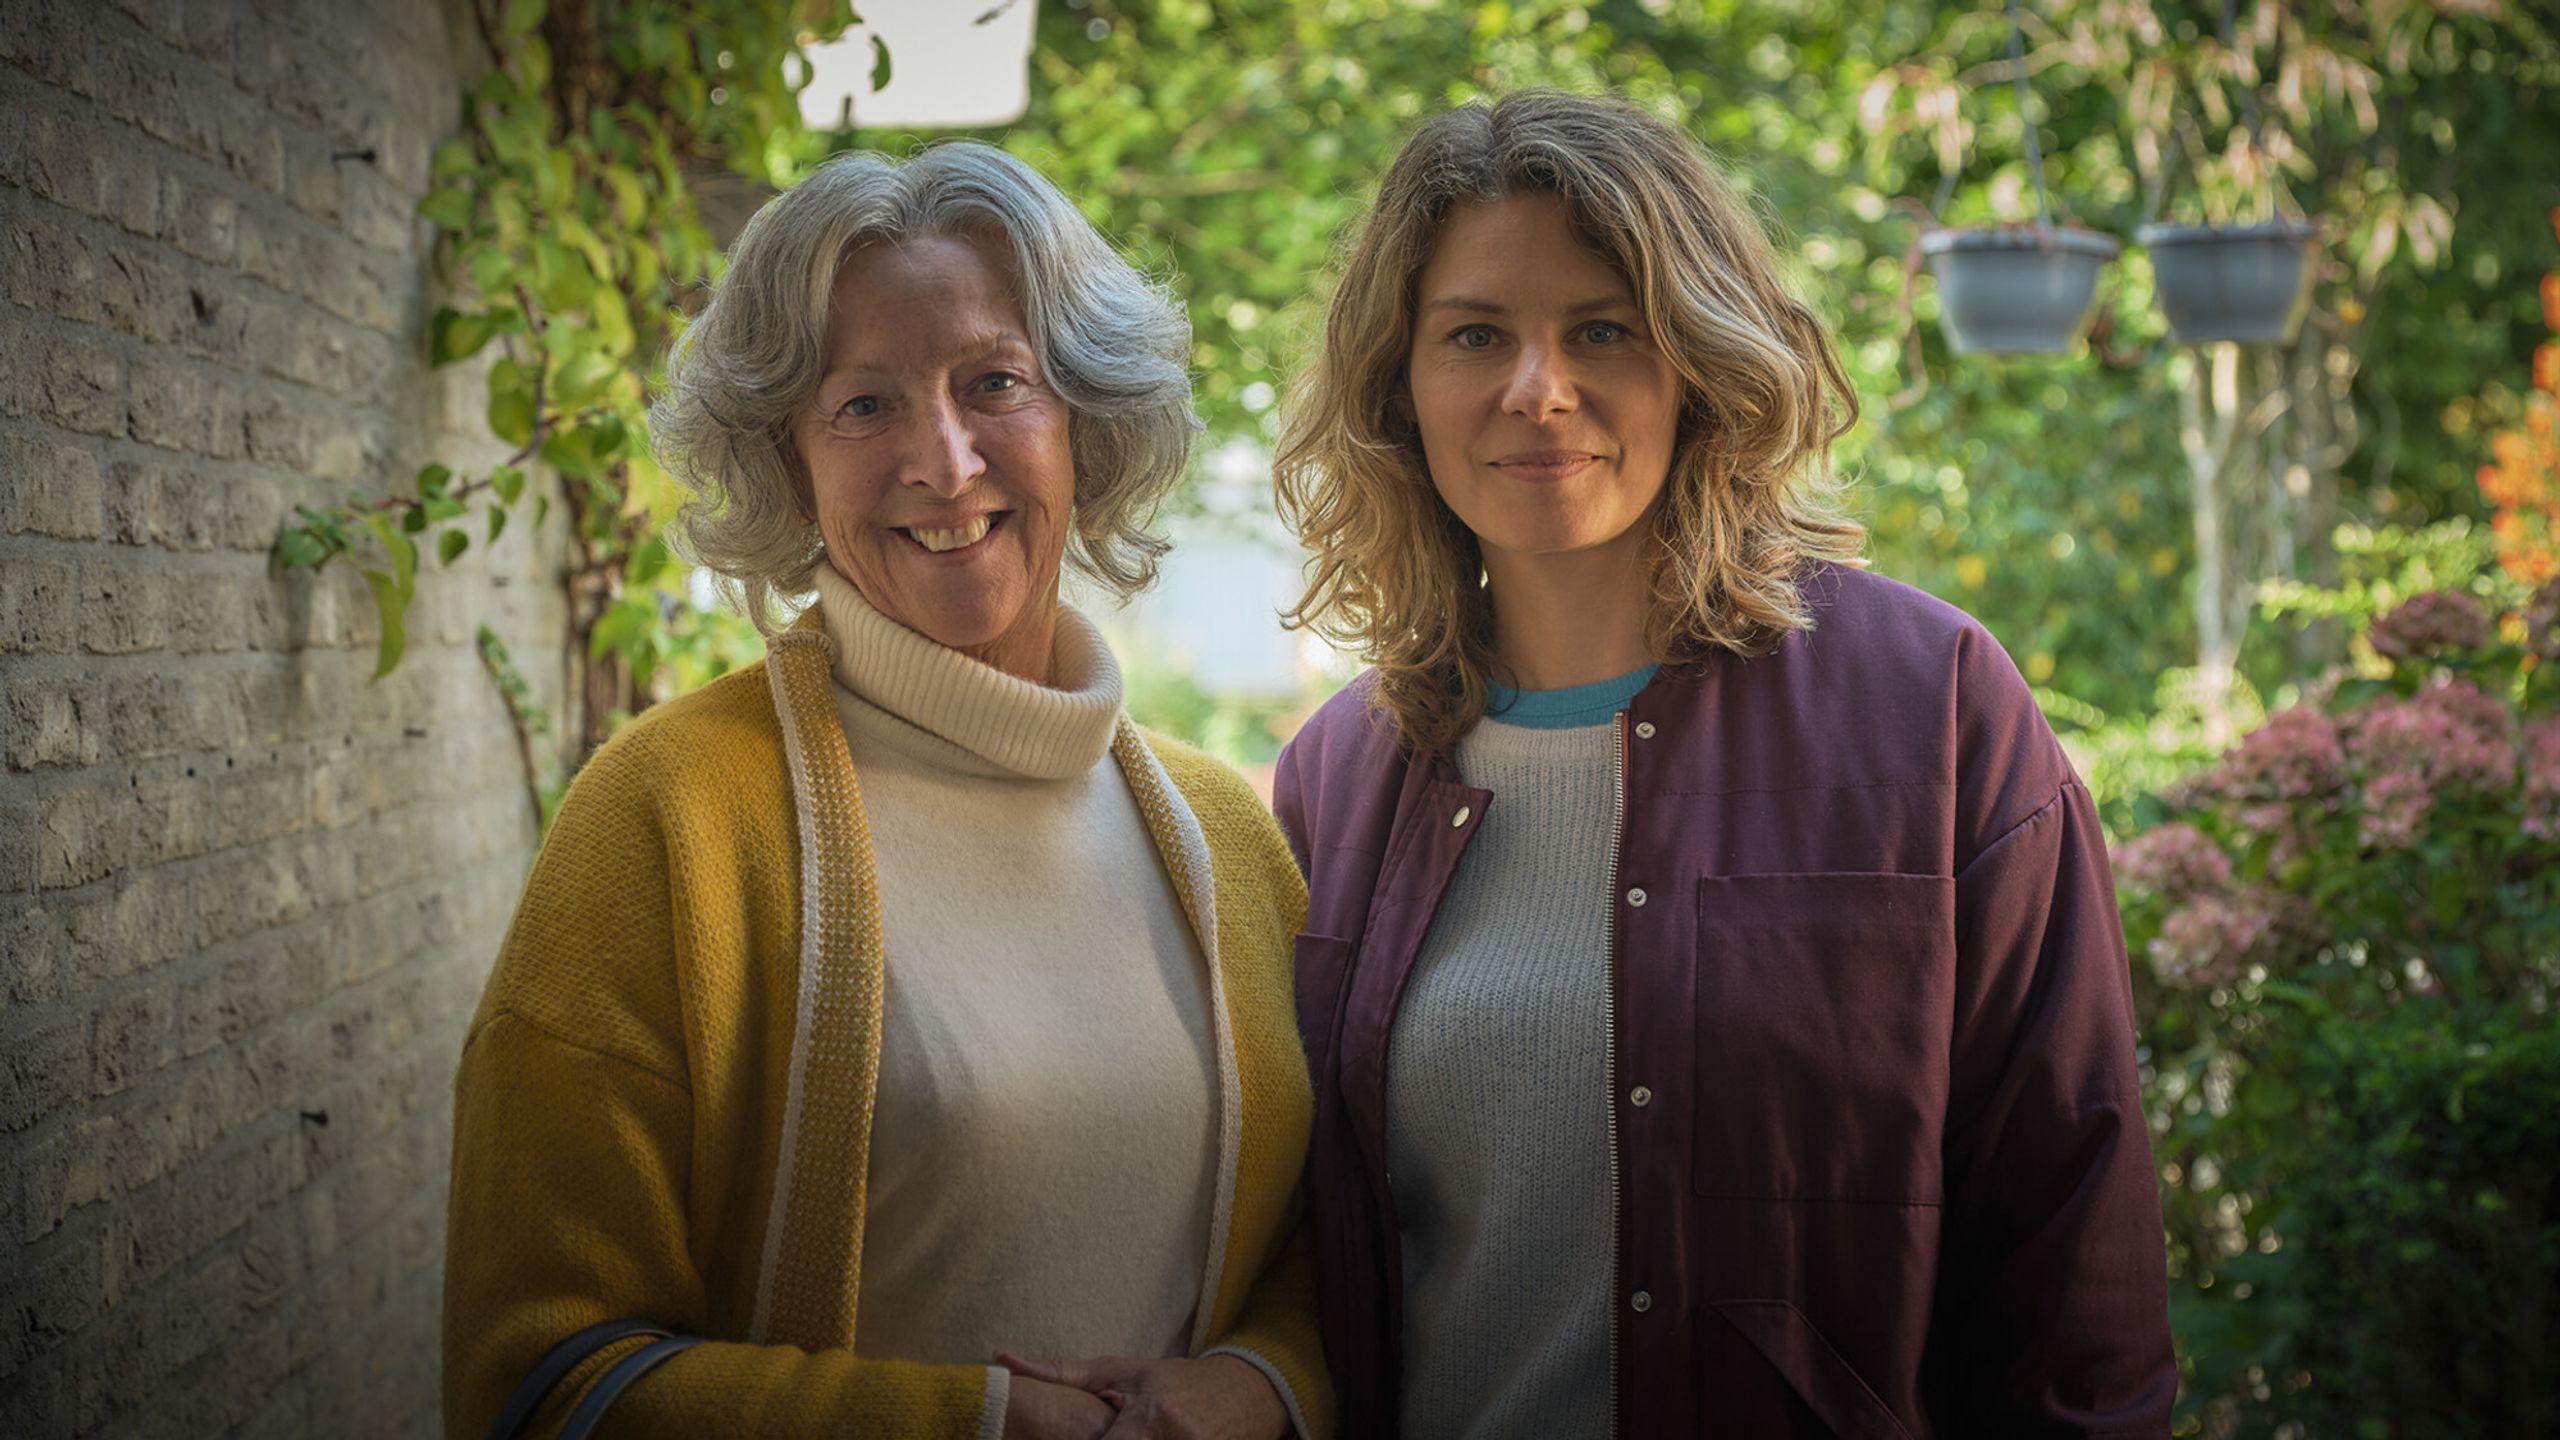 Klik hier om Maud & Babs van 19 september te bekijken.